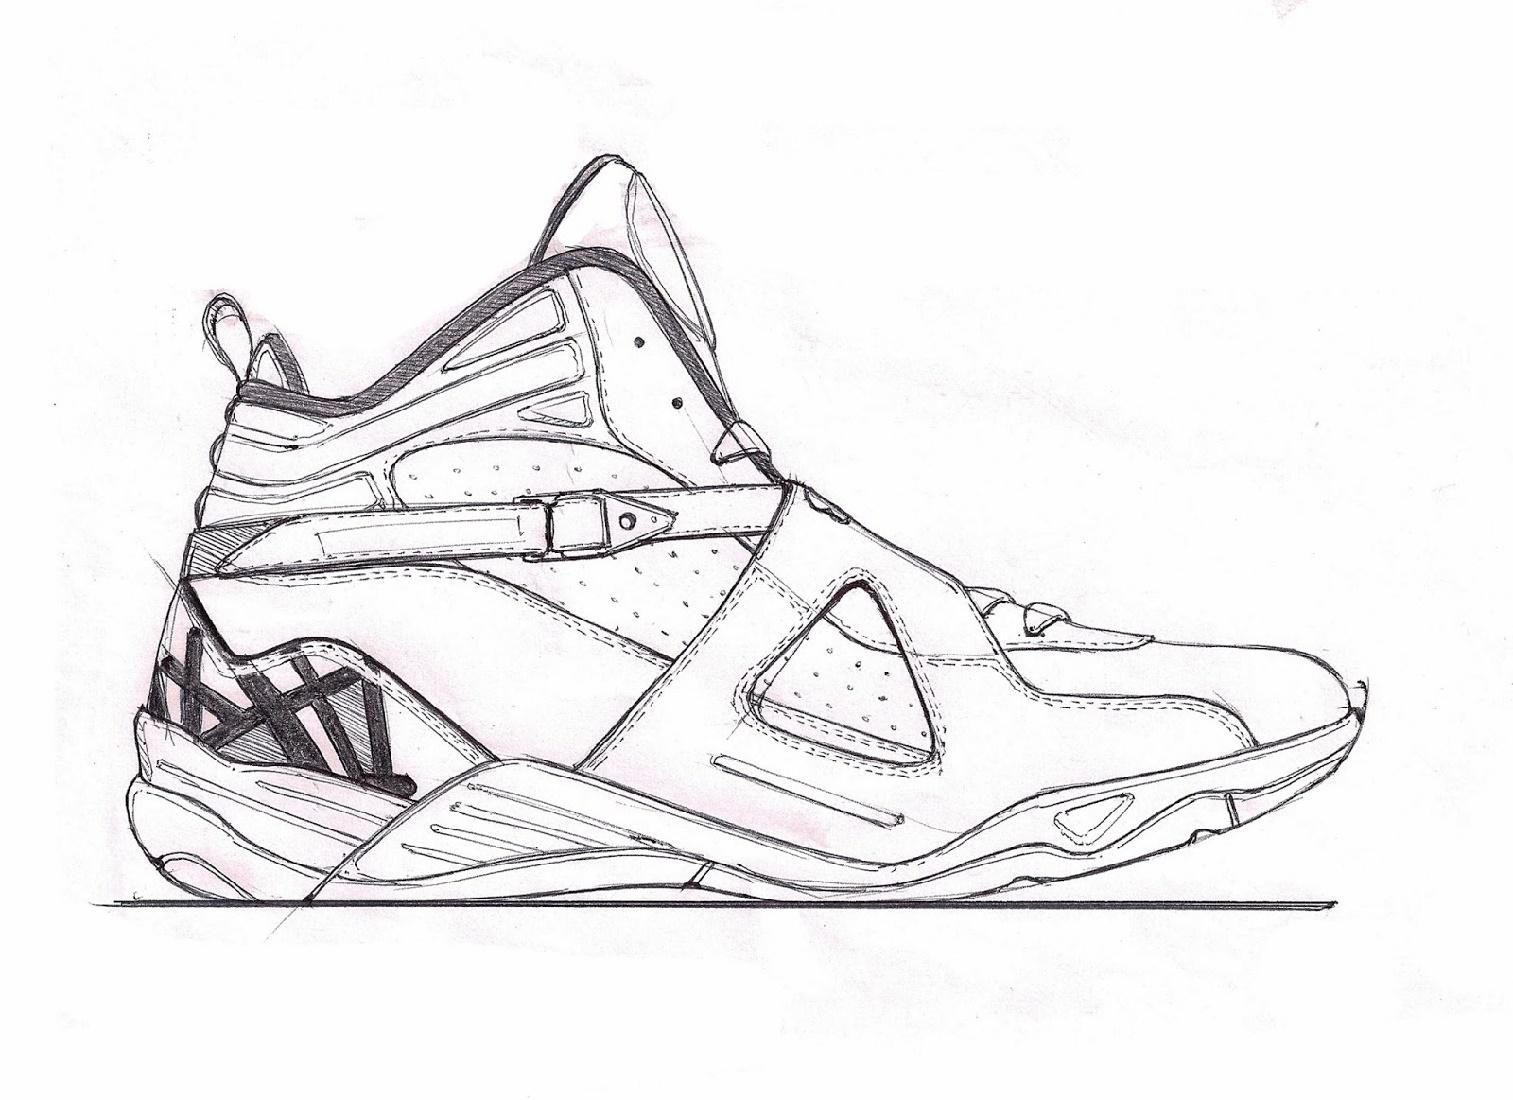 Jordan 11 Coloring Page Sketch